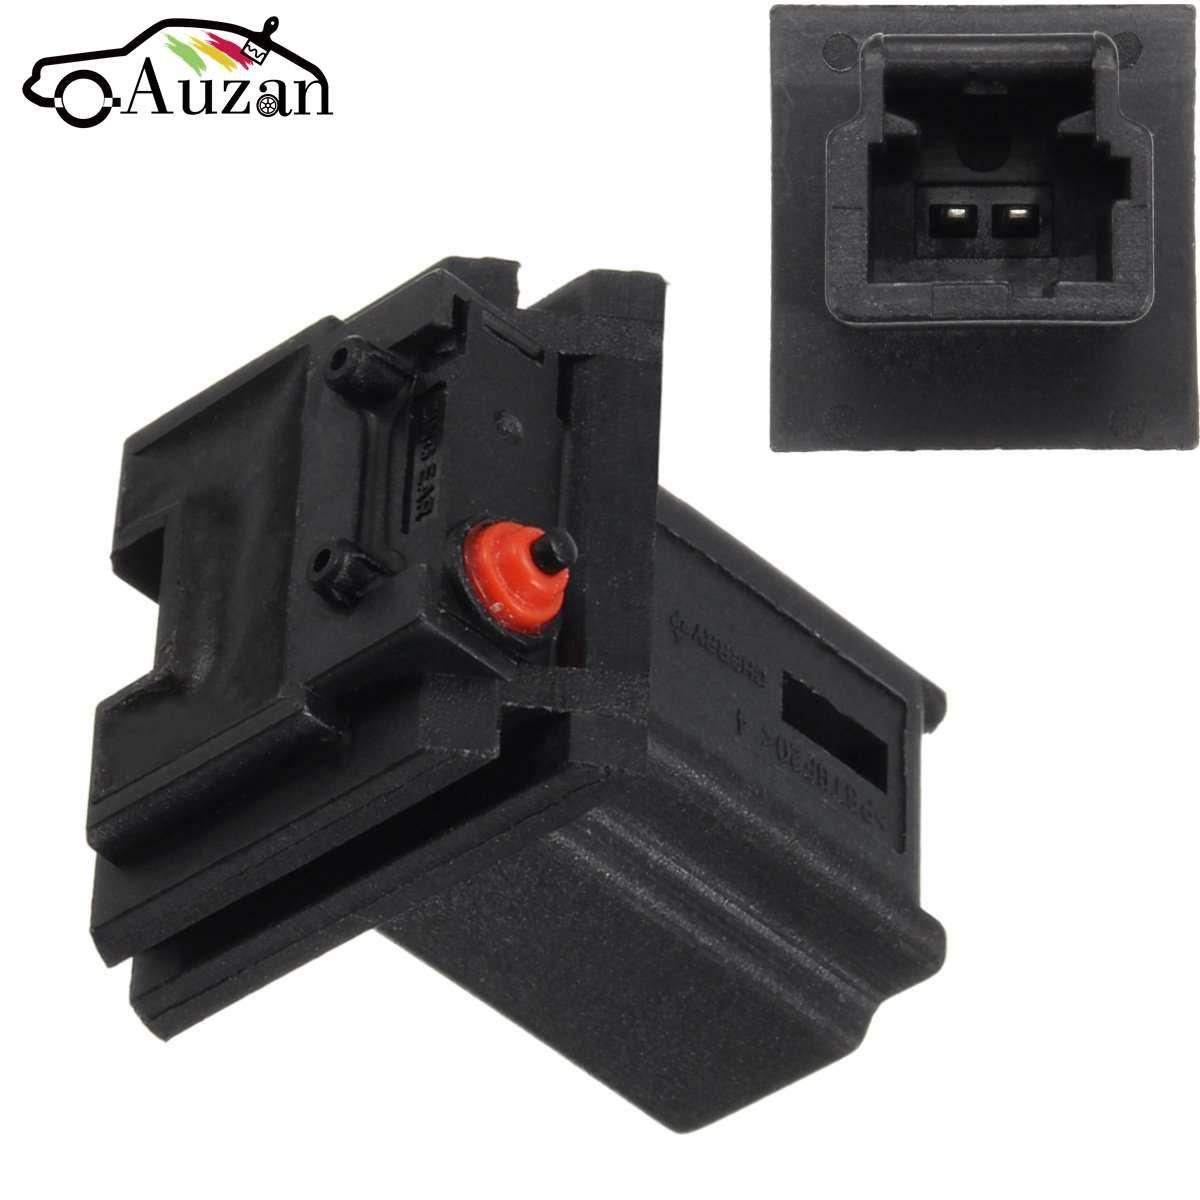 Black Tailgate Boot Micro Switch For Citroen C3 C4 C3 for Peugeot 206 307 308 407 6554V5